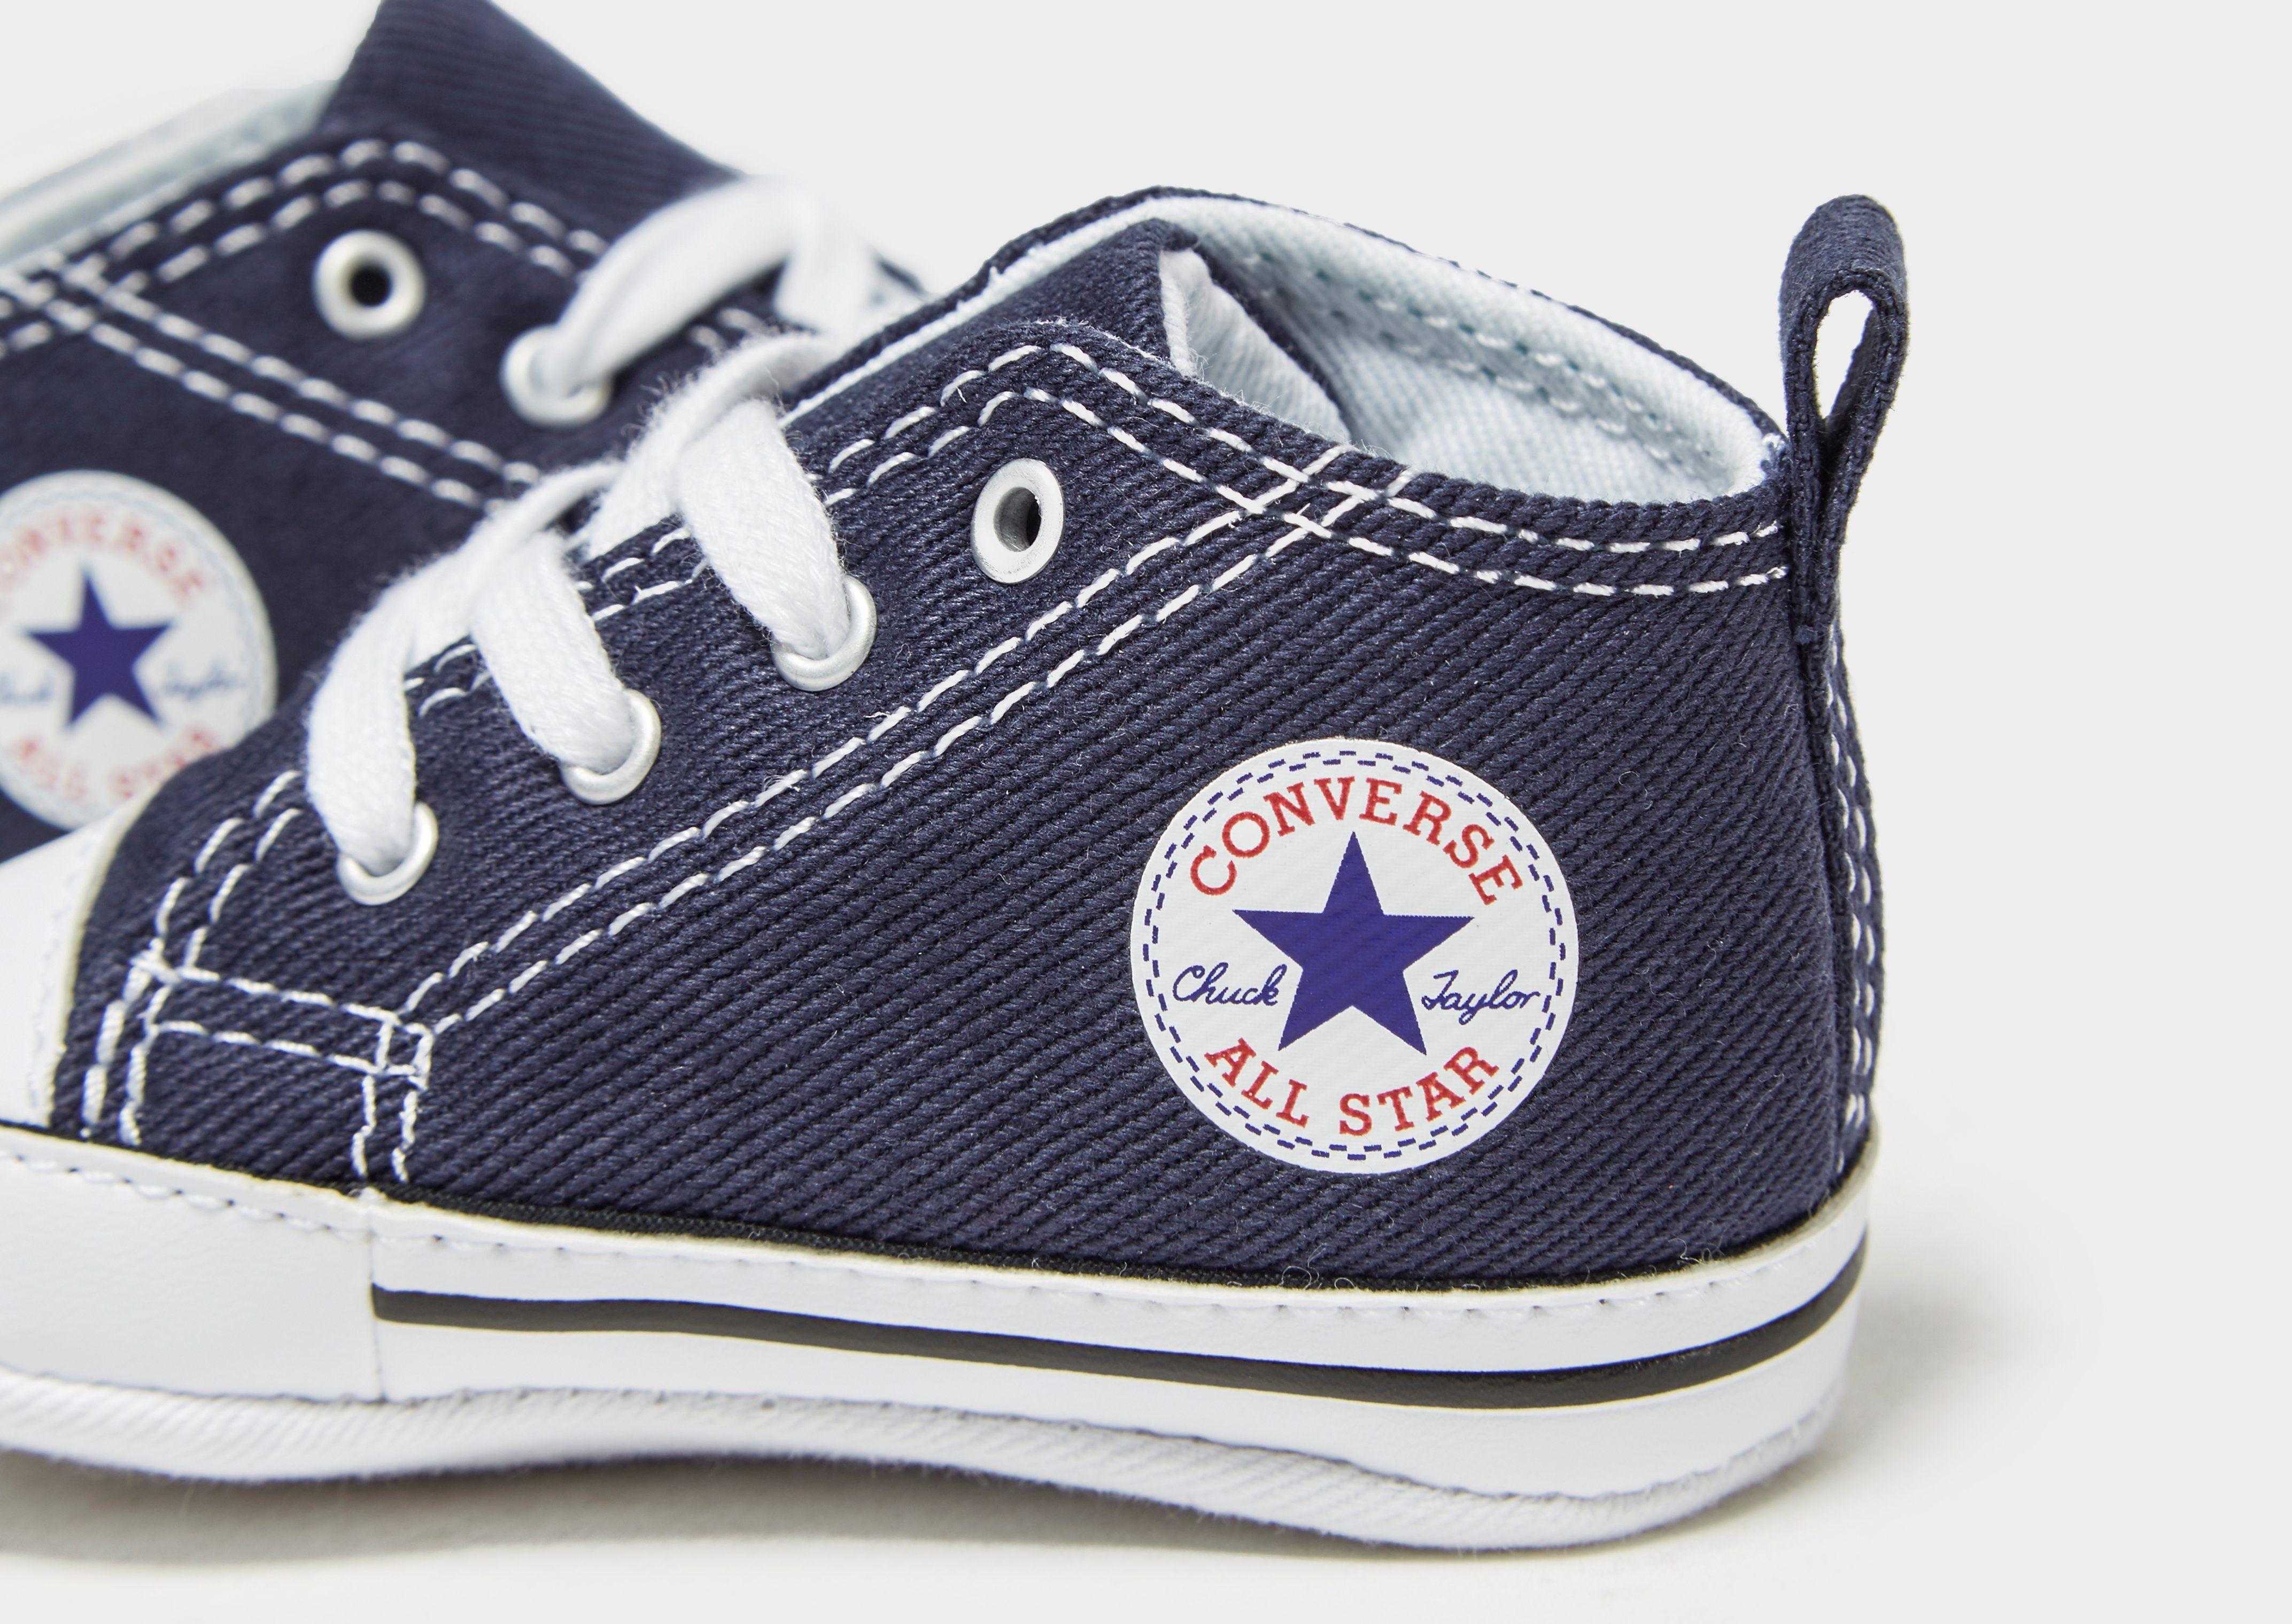 Exklusiv Zum Verkauf Freiheit In Deutschland Converse First Star Crib Blau Billiger Großhandel Rote Vorbestellung Eastbay bB0RZxWdM